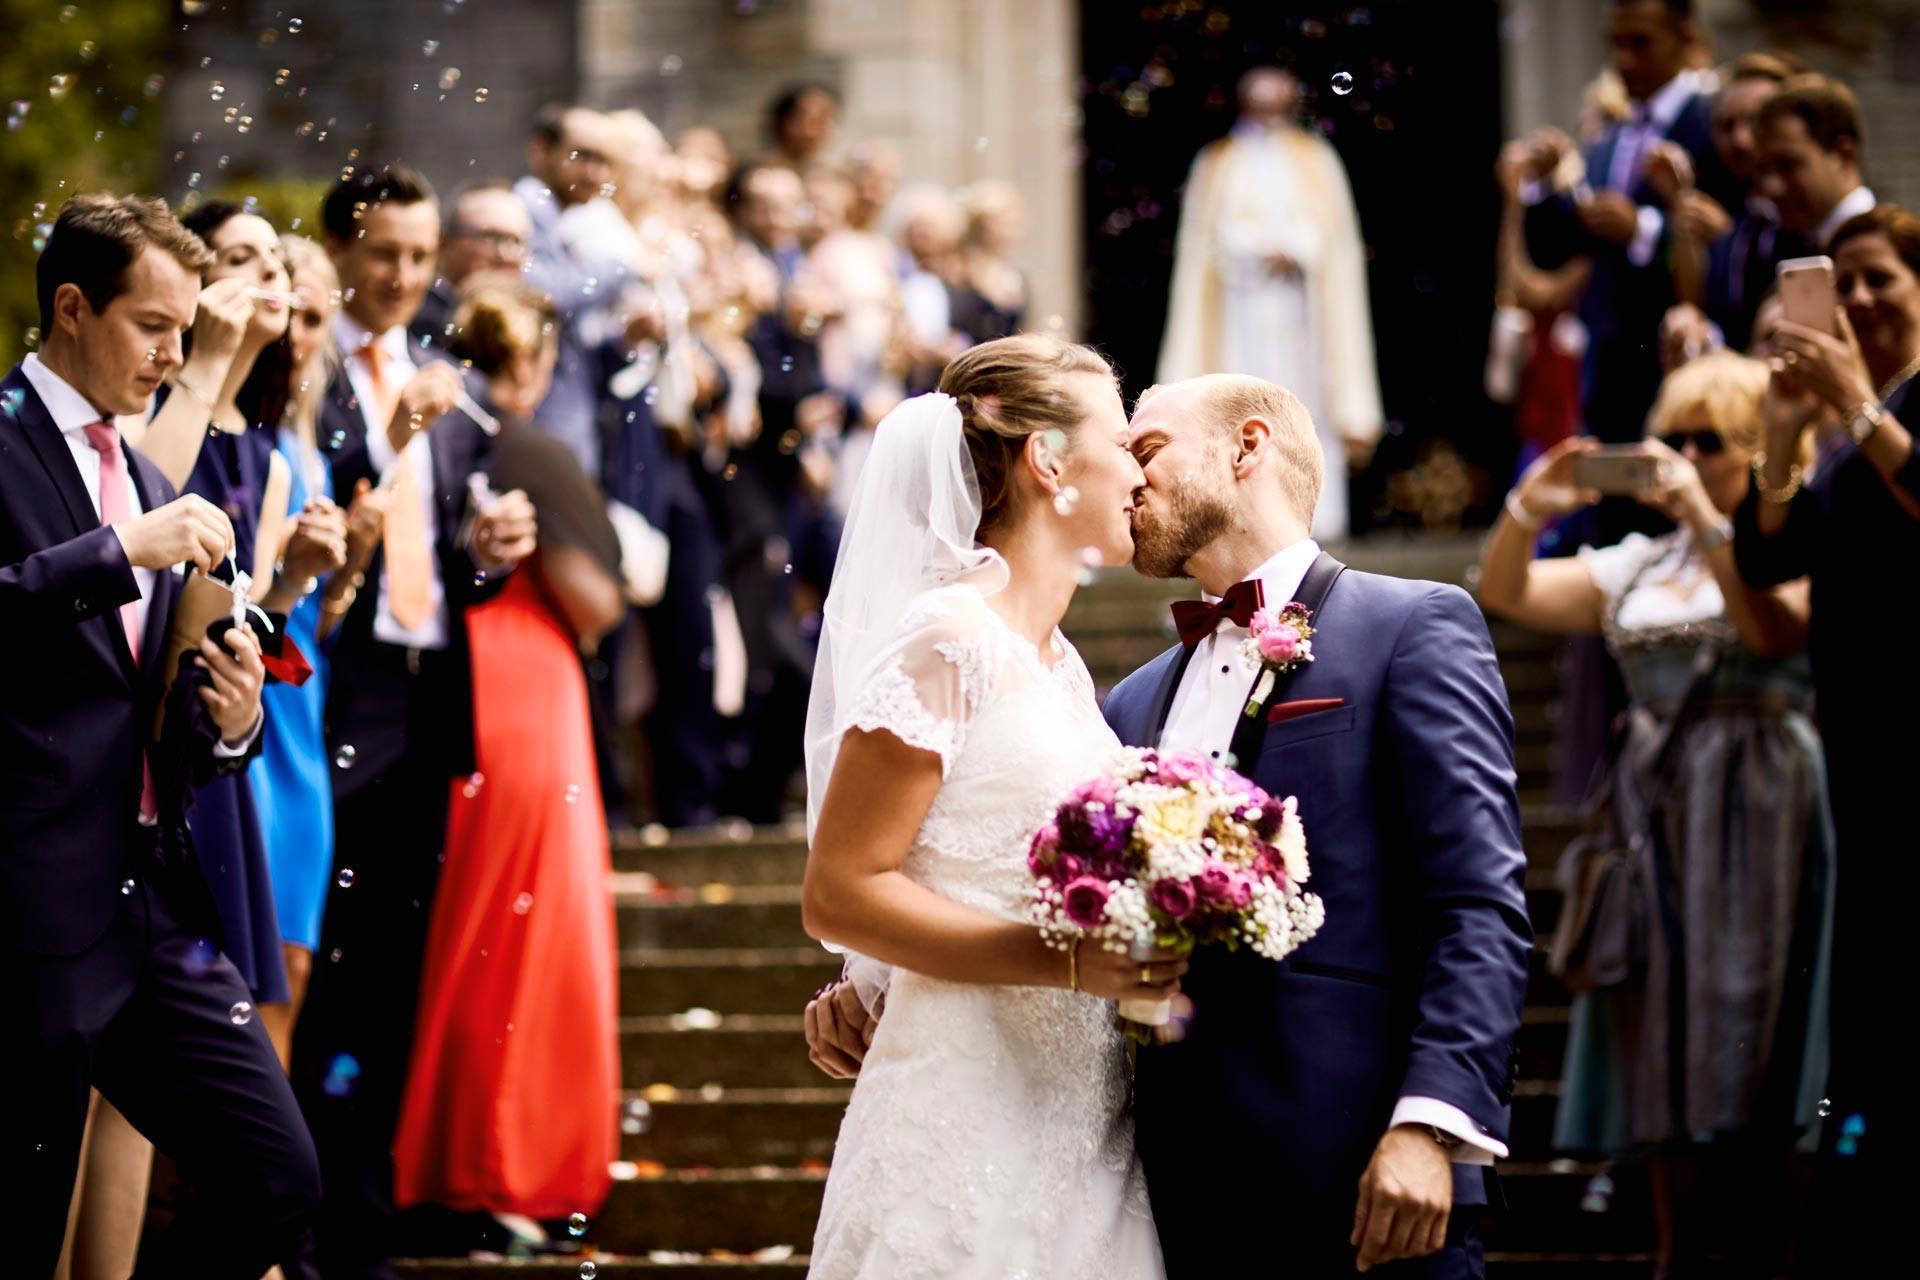 Hochzeitsfotografen buchen